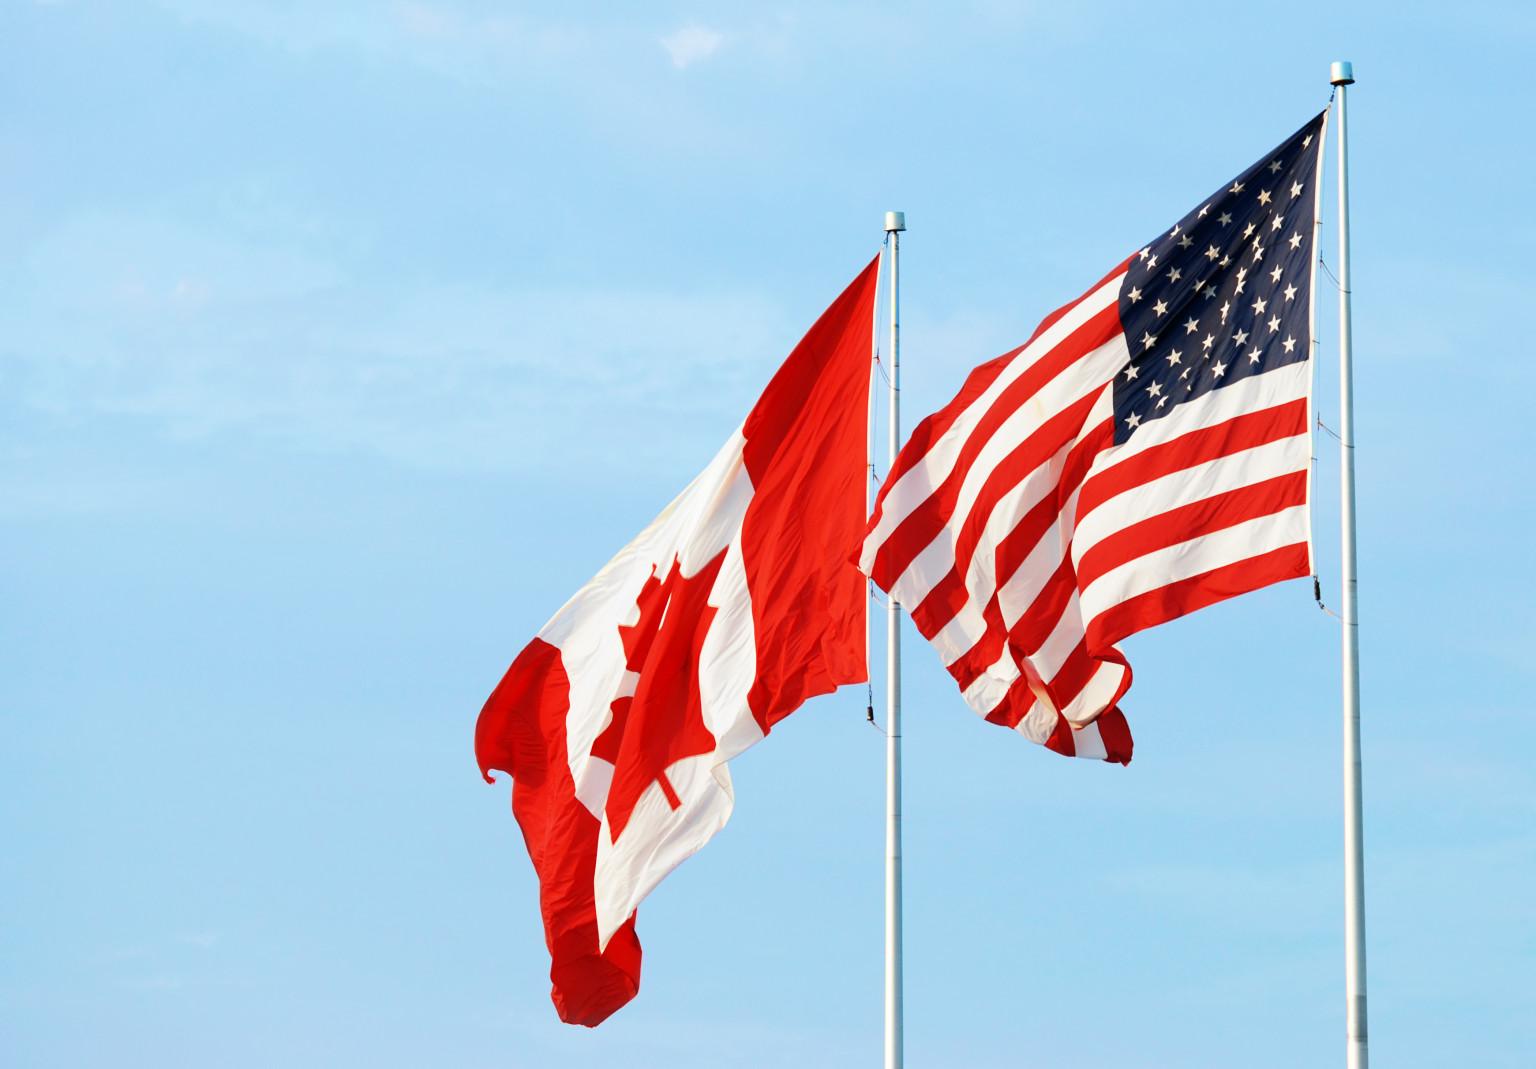 Việc Đóng Cửa Biên Giới Canada và Mỹ Được Tiếp Tục Gia Hạn Đến Tháng 9/2020